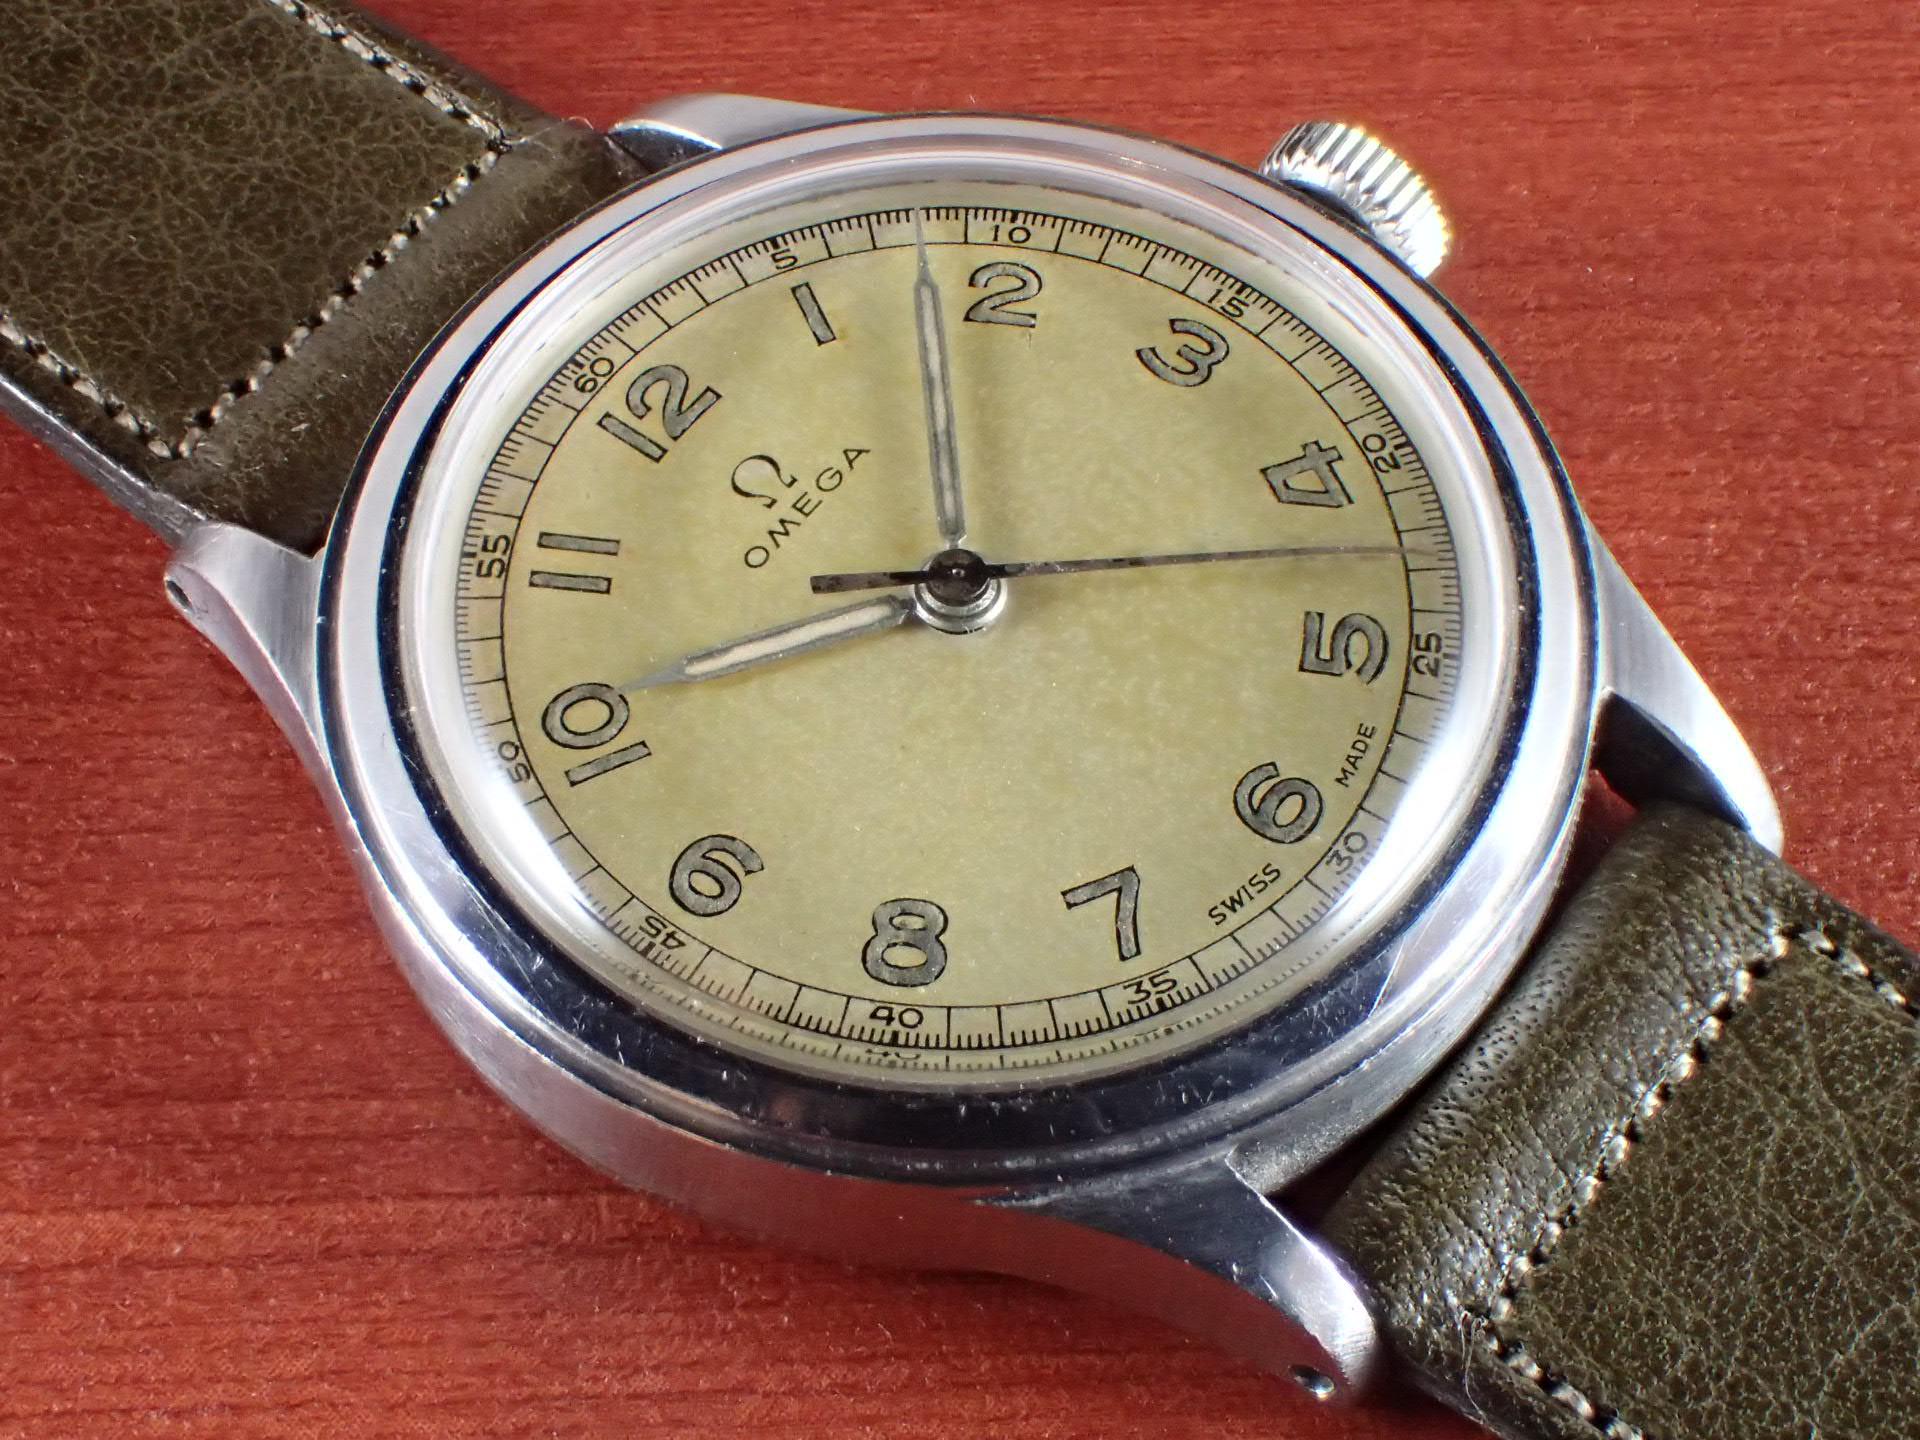 オメガ 30mmキャリバー Ref.2179-4 ホワイトダイアル 1940年代のメイン写真